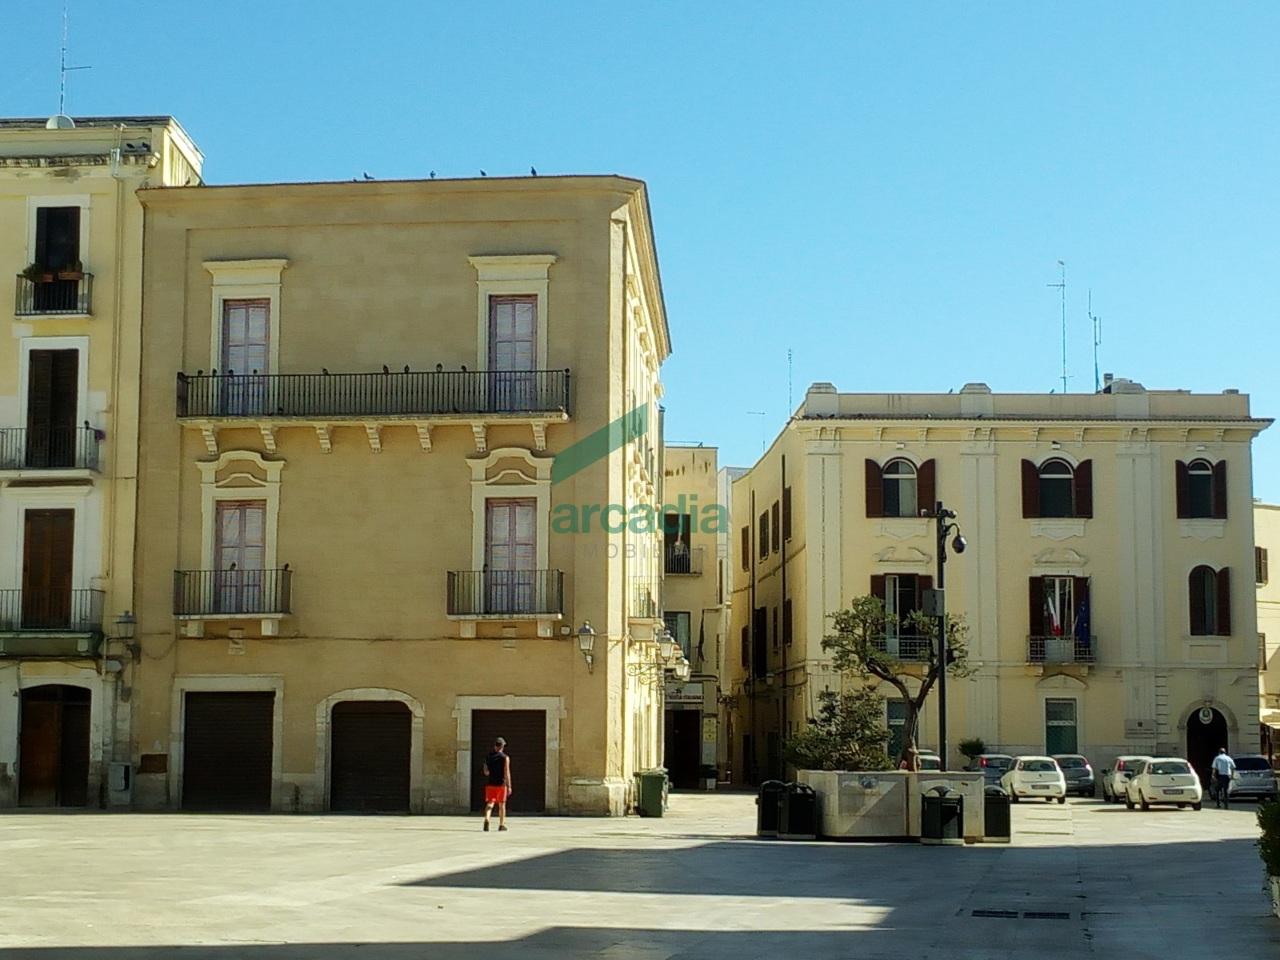 Appartamento in affitto a Bari, 1 locali, prezzo € 400 | CambioCasa.it